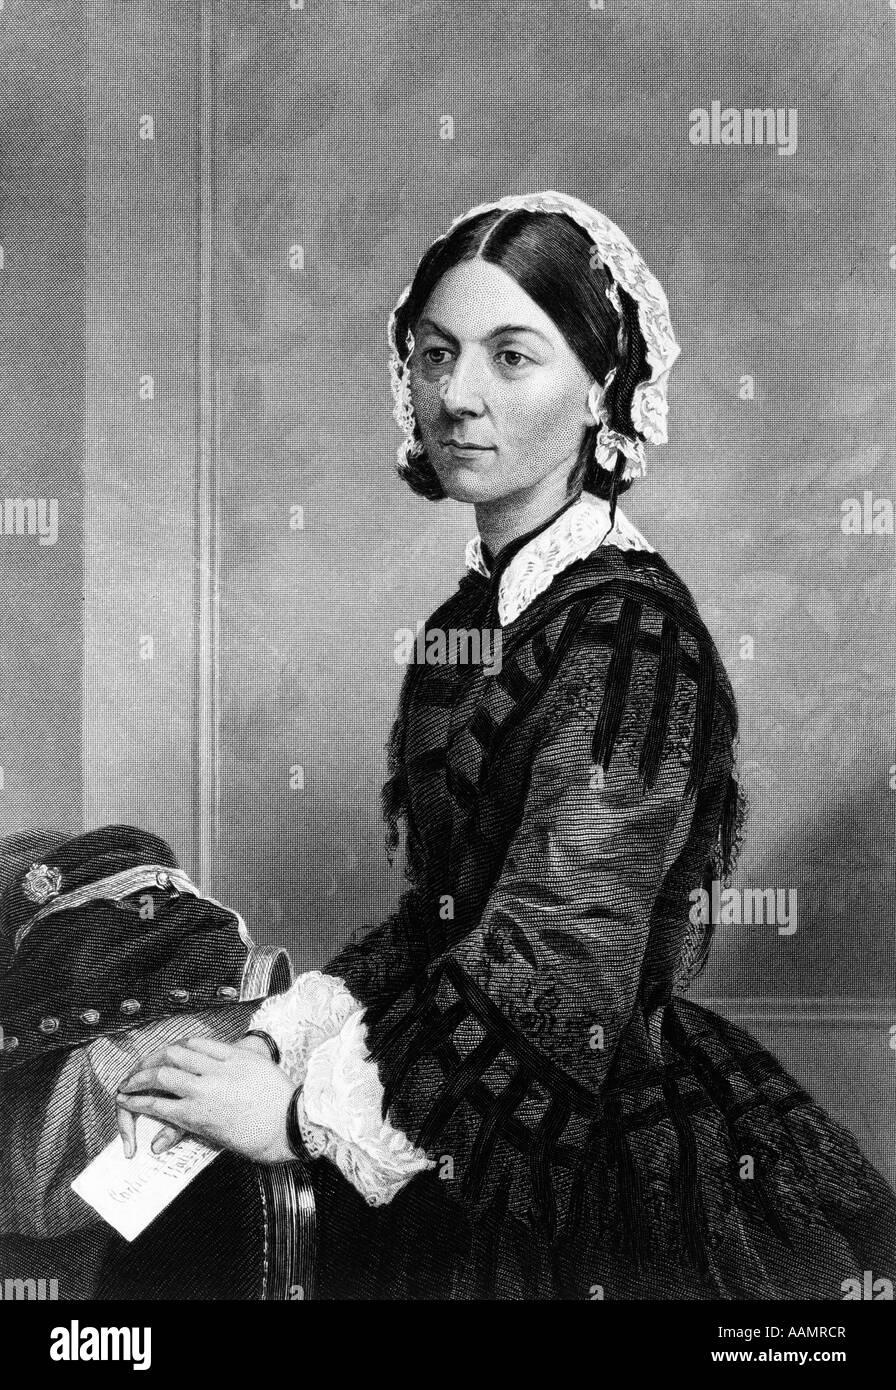 1800 Retrato de 1870 Florence Nightingale, enfermera británica fundadora de la enfermería moderna durante Imagen De Stock